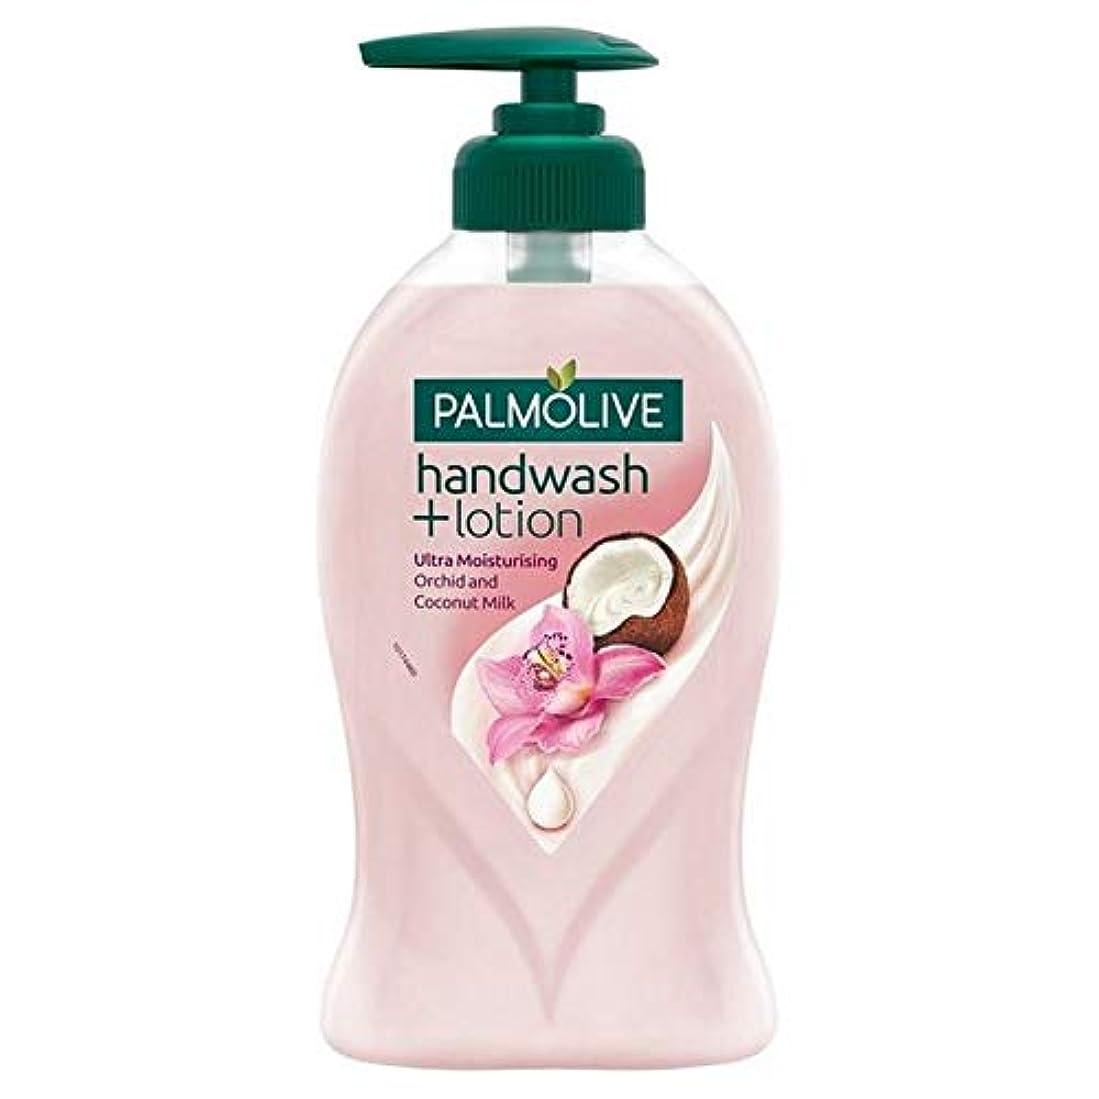 シーンかまど思慮深い[Palmolive ] Palmolive社手洗い+ローション蘭&ココナッツミルク250ミリリットル - Palmolive Handwash + Lotion Orchid & Coconut Milk 250ml [並行輸入品]